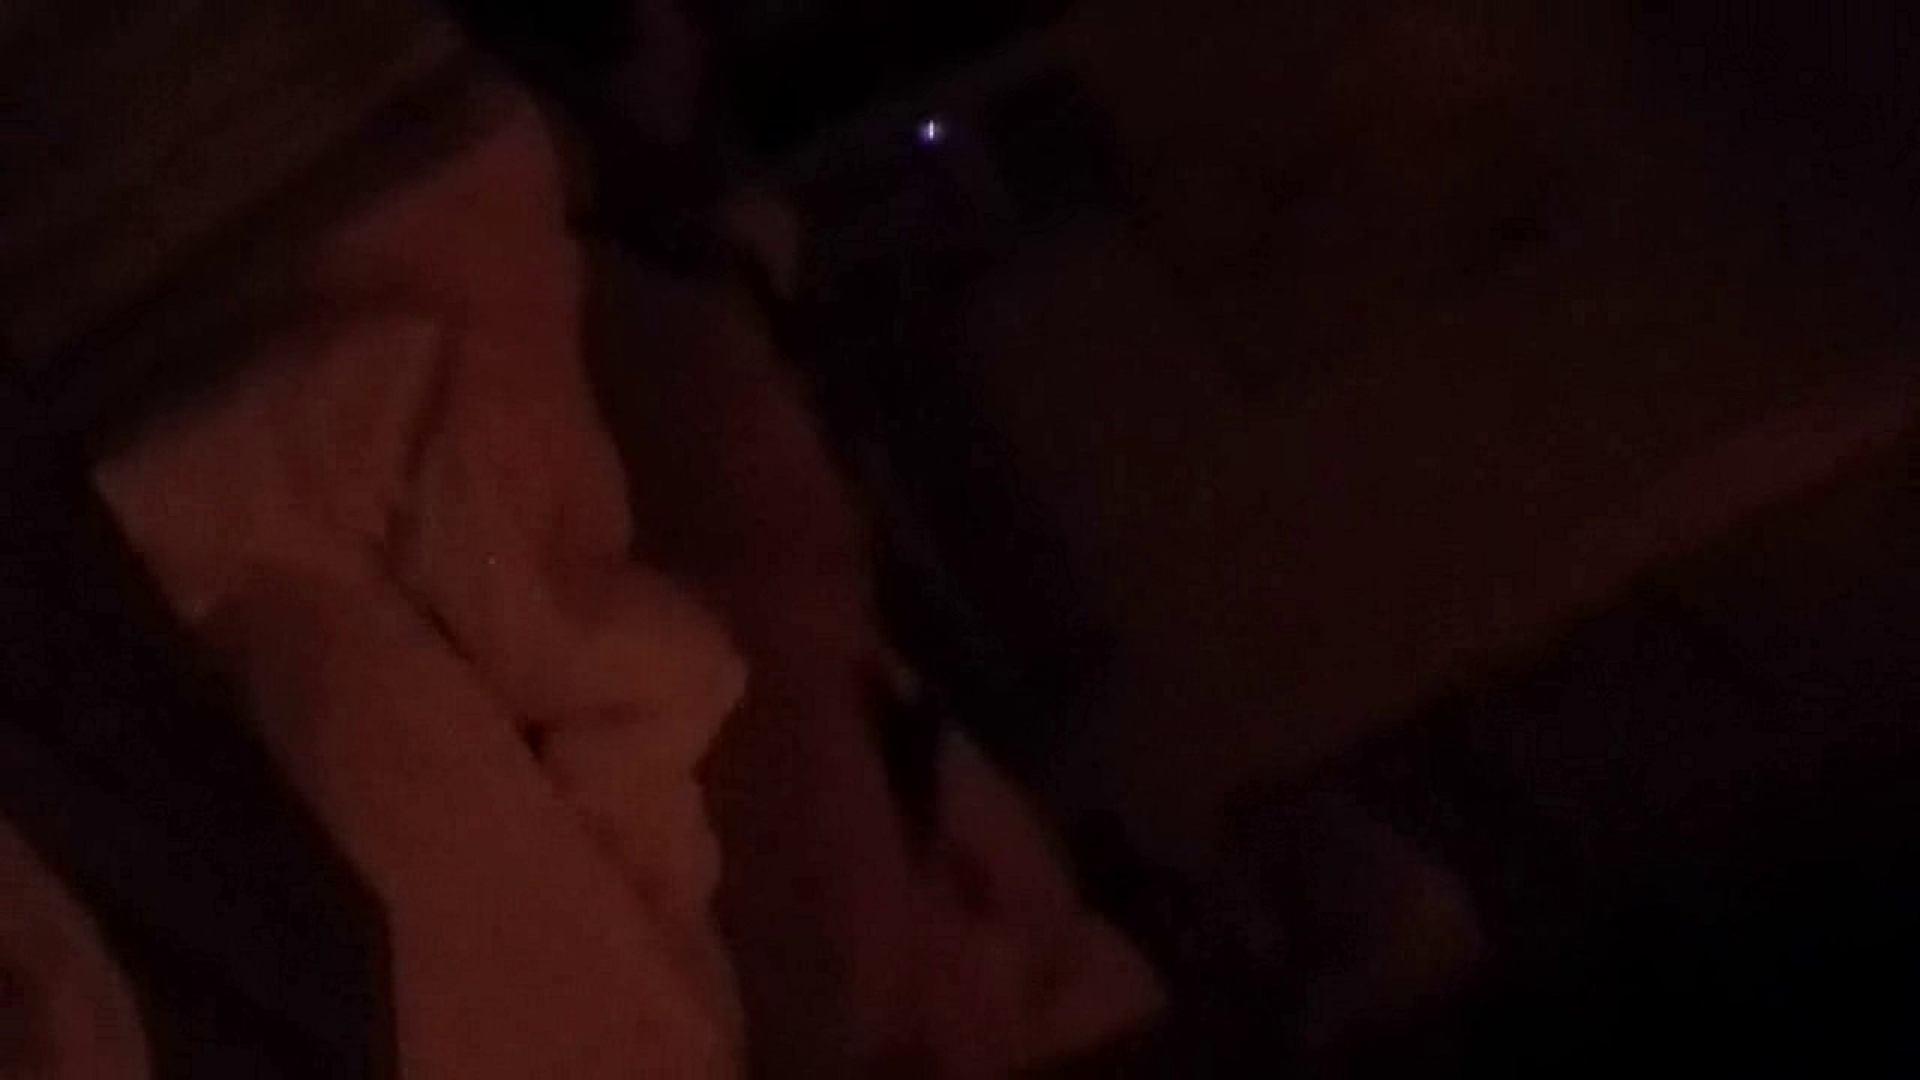 身内撮り!自宅内隠し撮りシリーズ Vol.04 盛合せ オマンコ無修正動画無料 65画像 33